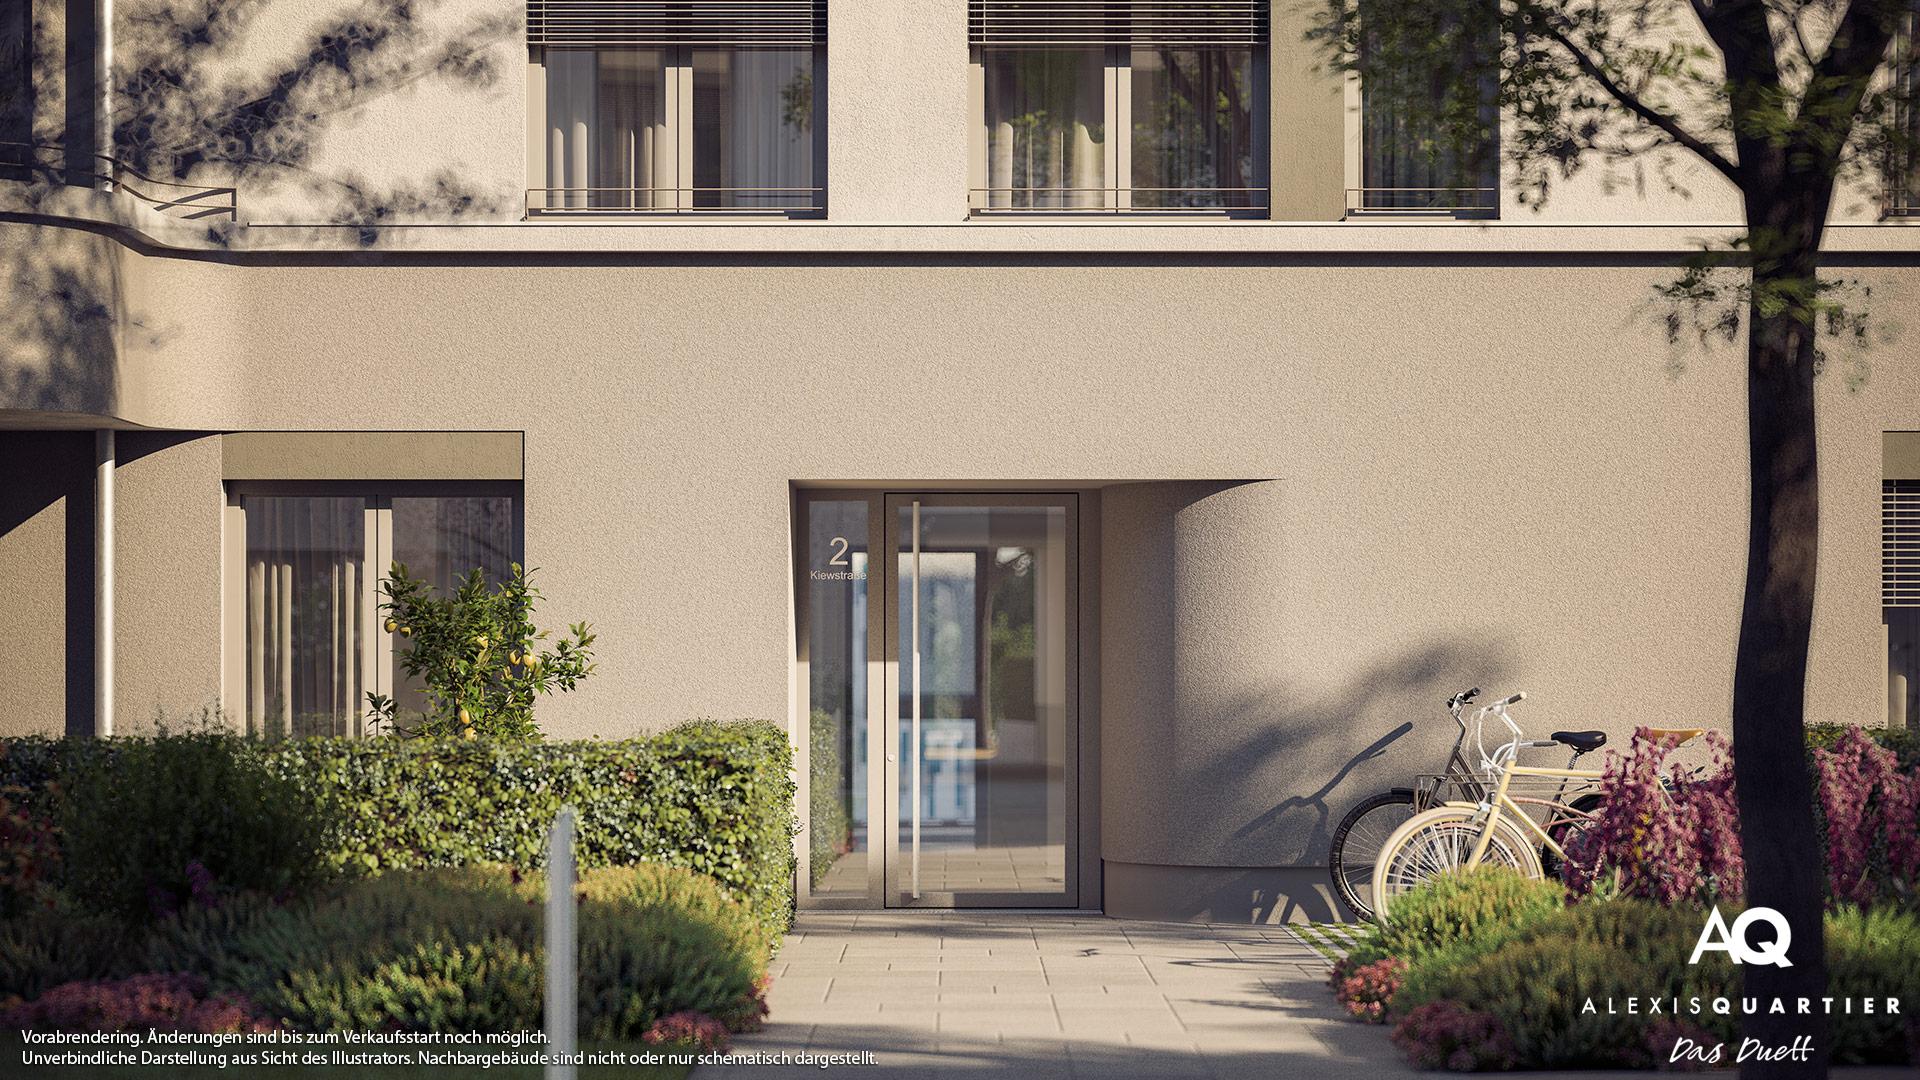 Property Alexisquartier - Das Duett - preannouncement - Illustration 2